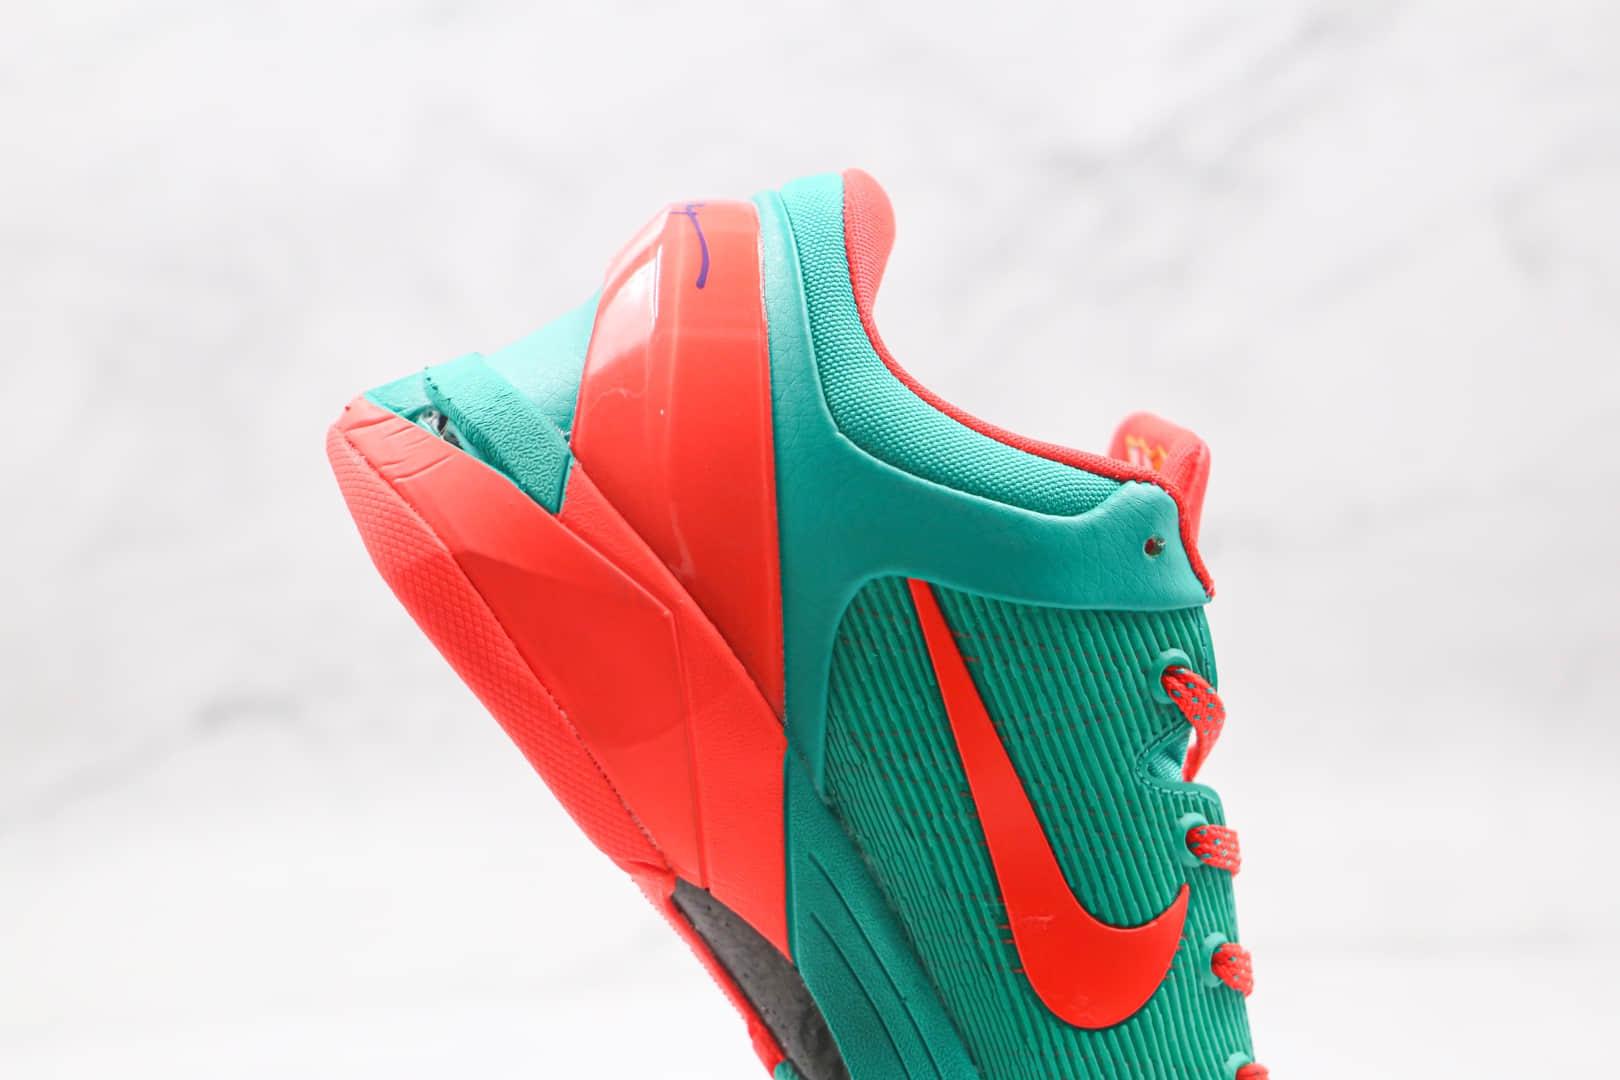 耐克Nike Zoom Kobe 7公司级版本科比7代巴塞罗那绿橙色实战篮球鞋内置气垫 货号:488371-301